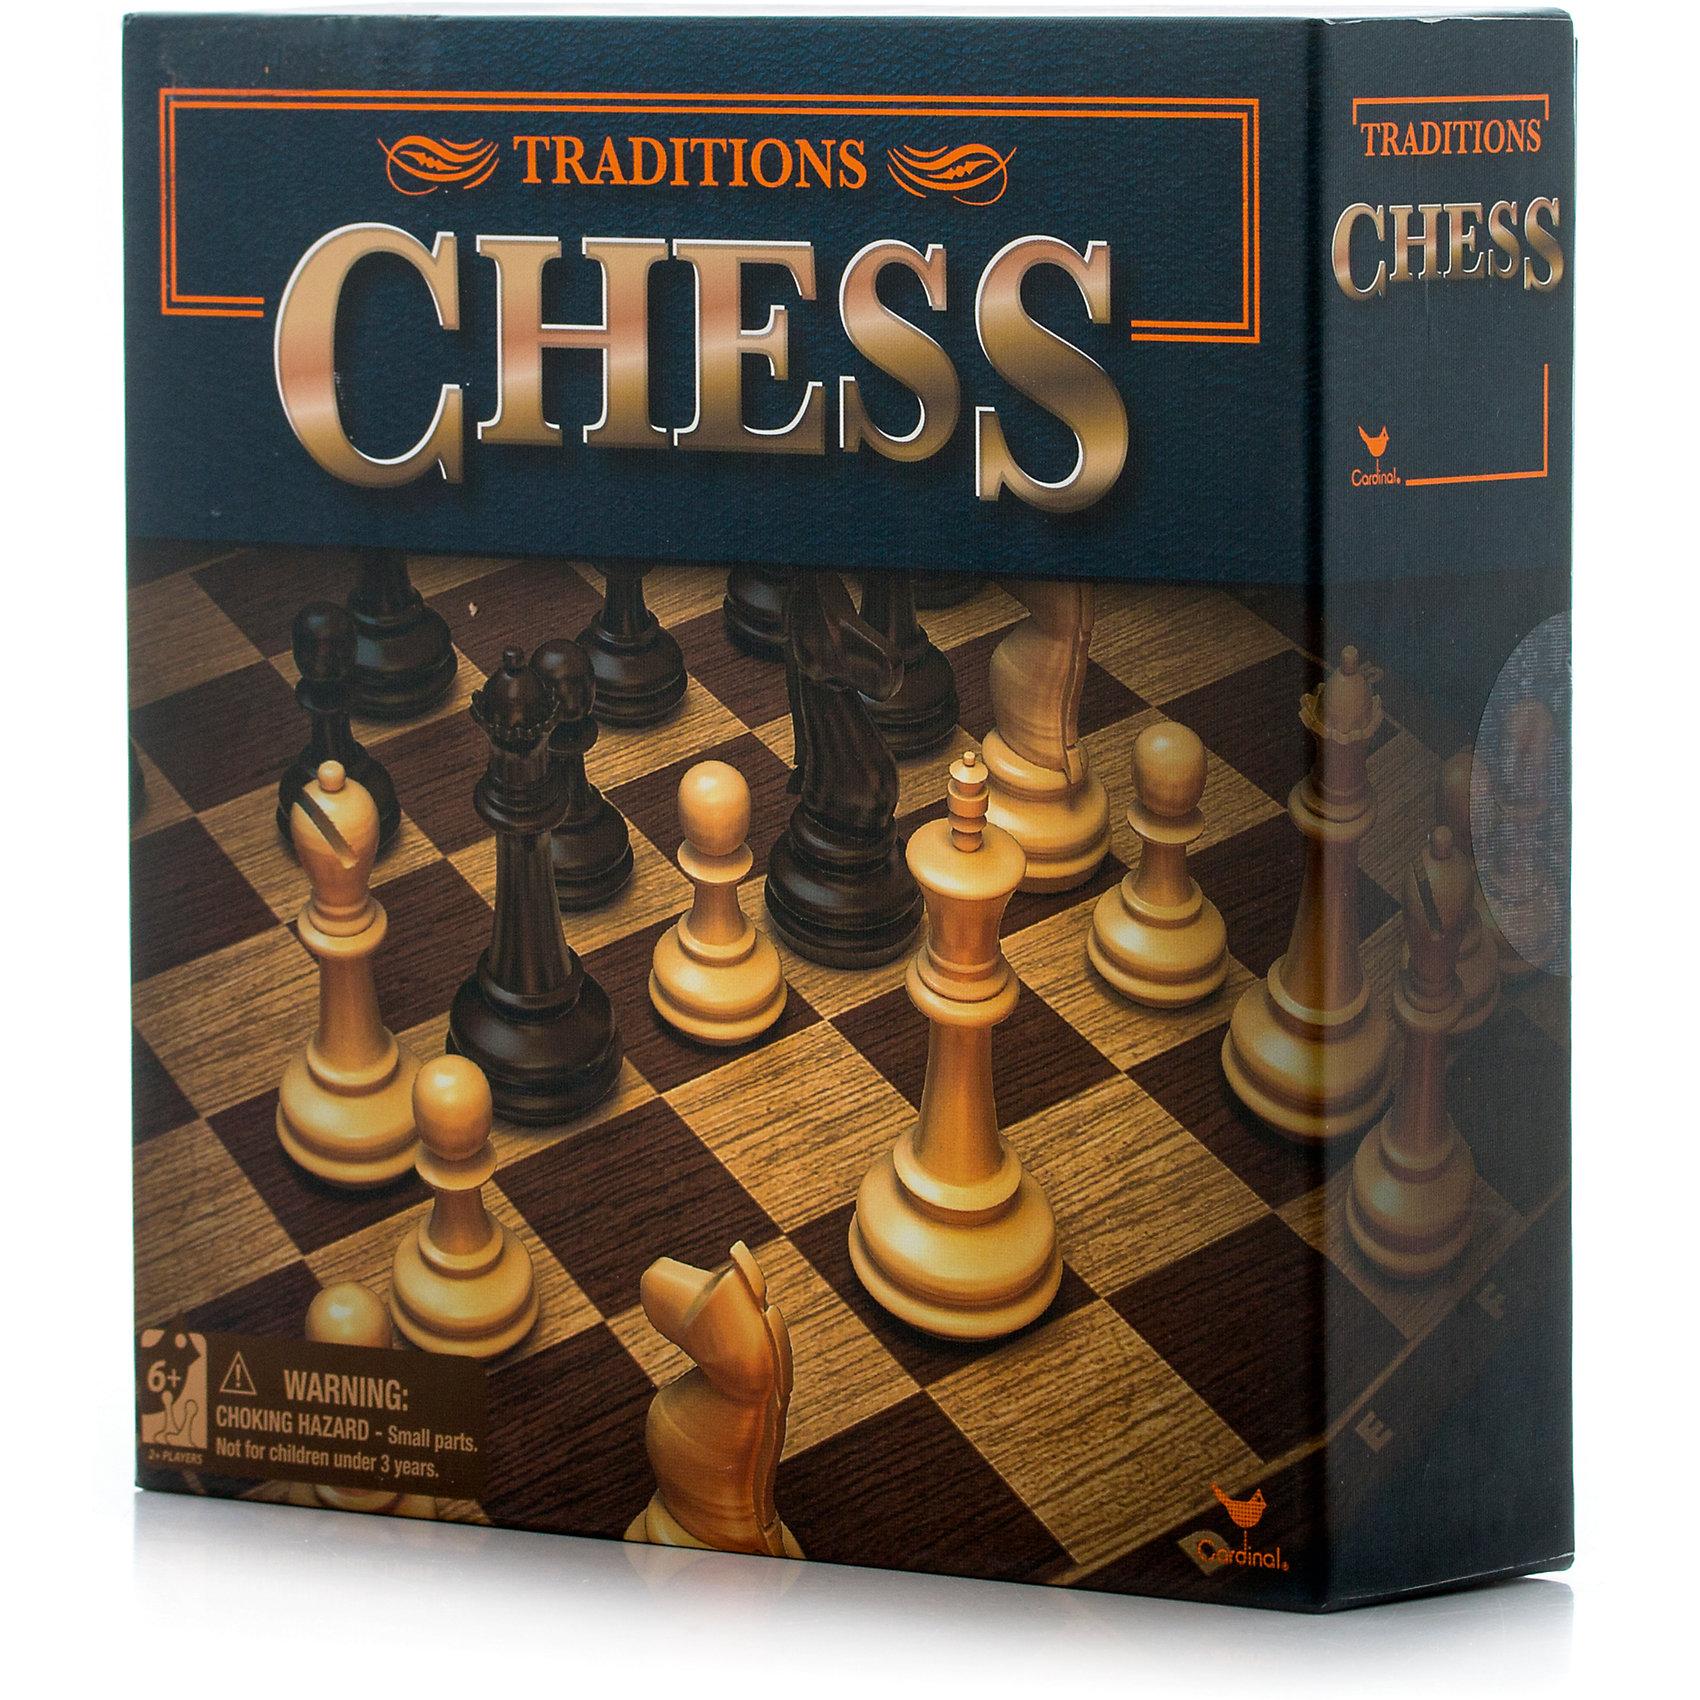 Шахматы классические, Spin MasterСпортивные настольные игры<br>Характеристики товара:<br><br>• возраст от 6 лет;<br>• материал: картон, пластик;<br>• в комплекте: игровое поле, 16 белых фигур, 16 черных фигур;<br>• размер игрового поля 34х34 см;<br>• размер упаковки 20х20х6 см;<br>• страна производитель: Китай.<br><br>Шахматы классические Spin Master позволят увлекательно и познавательно провести время в кругу семьи и друзей дома или в путешествии. Игра в шахматы развивает интеллект, смекалку, тактику, логическое мышление, стратегическое мышление.<br><br>Шахматы классические Spin Master можно приобрести в нашем интернет-магазине.<br><br>Ширина мм: 200<br>Глубина мм: 60<br>Высота мм: 200<br>Вес г: 438<br>Возраст от месяцев: 72<br>Возраст до месяцев: 2147483647<br>Пол: Унисекс<br>Возраст: Детский<br>SKU: 6728767